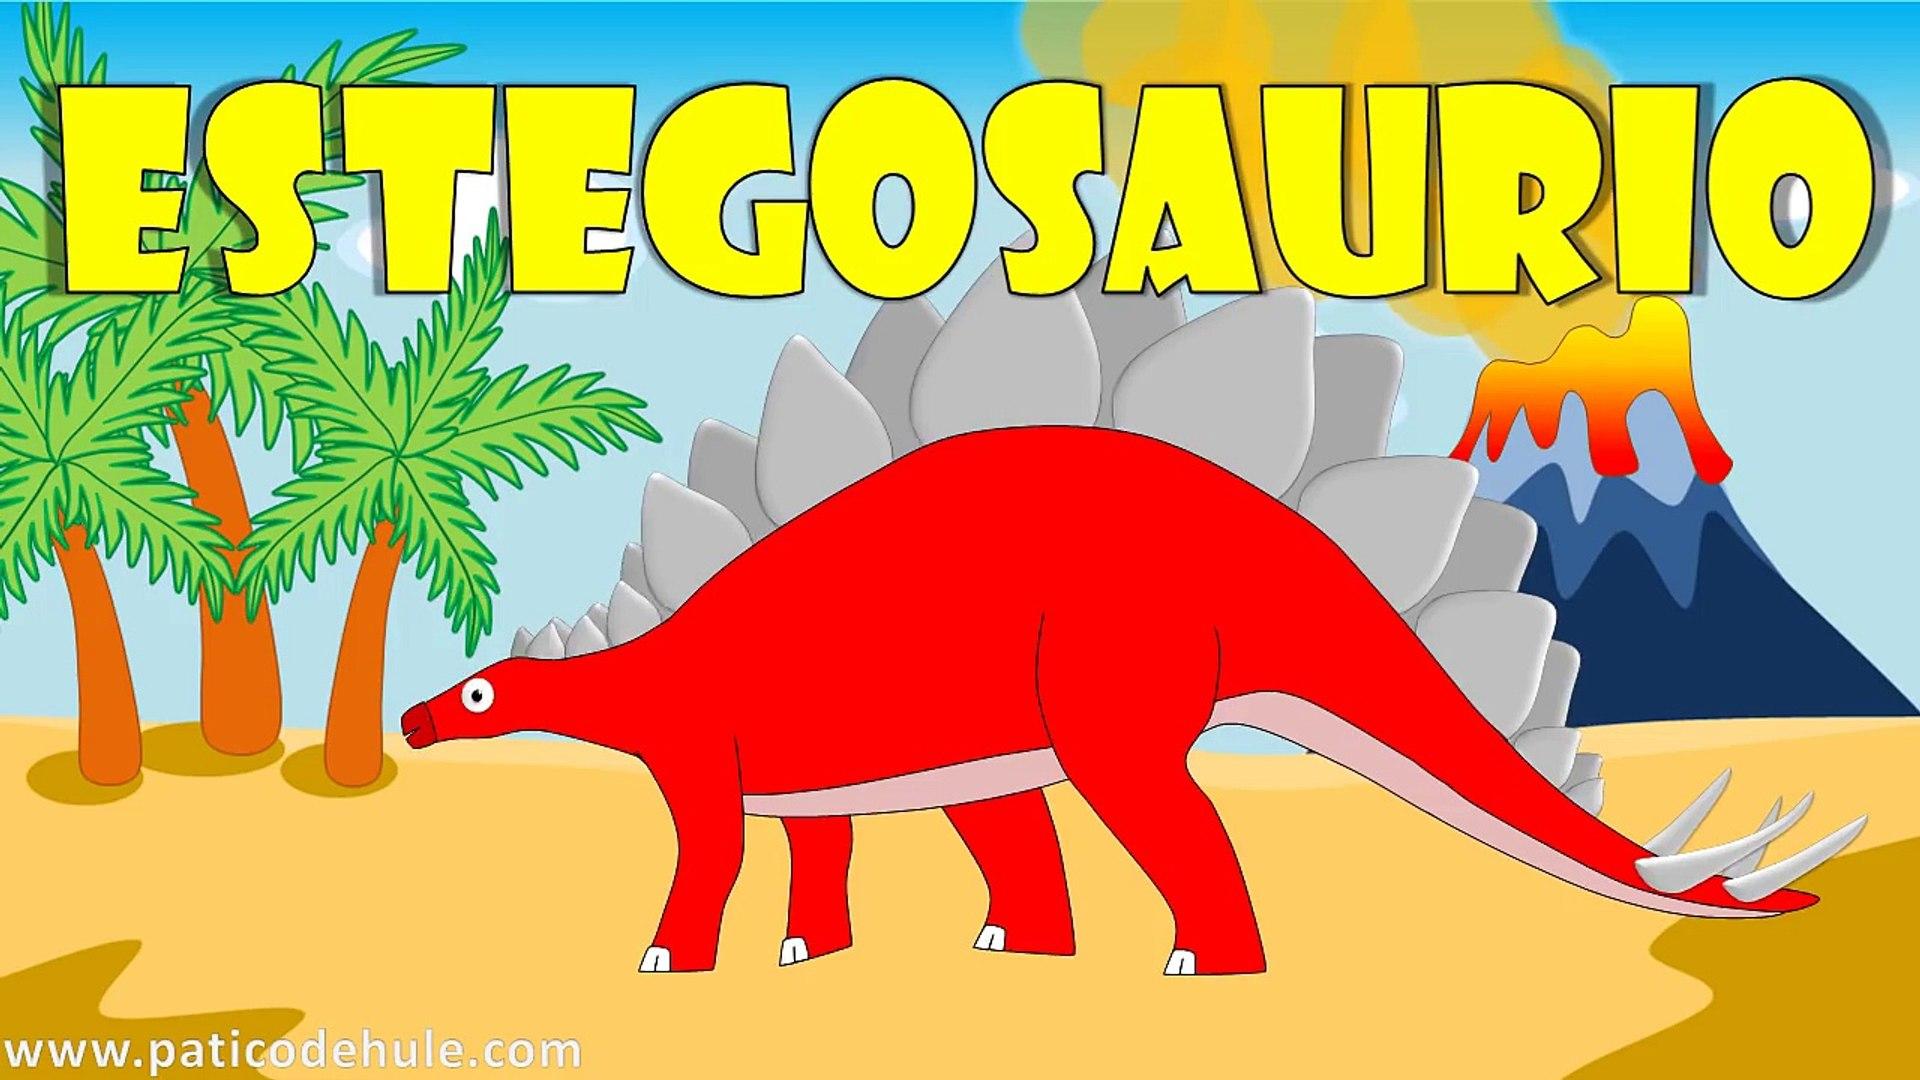 Dinosaurios Para Ninos Sonidos Y Nombres De Dinosaurios Video Dailymotion ¿cuantos tipos de dinosaurios existieron? dinosaurios para ninos sonidos y nombres de dinosaurios